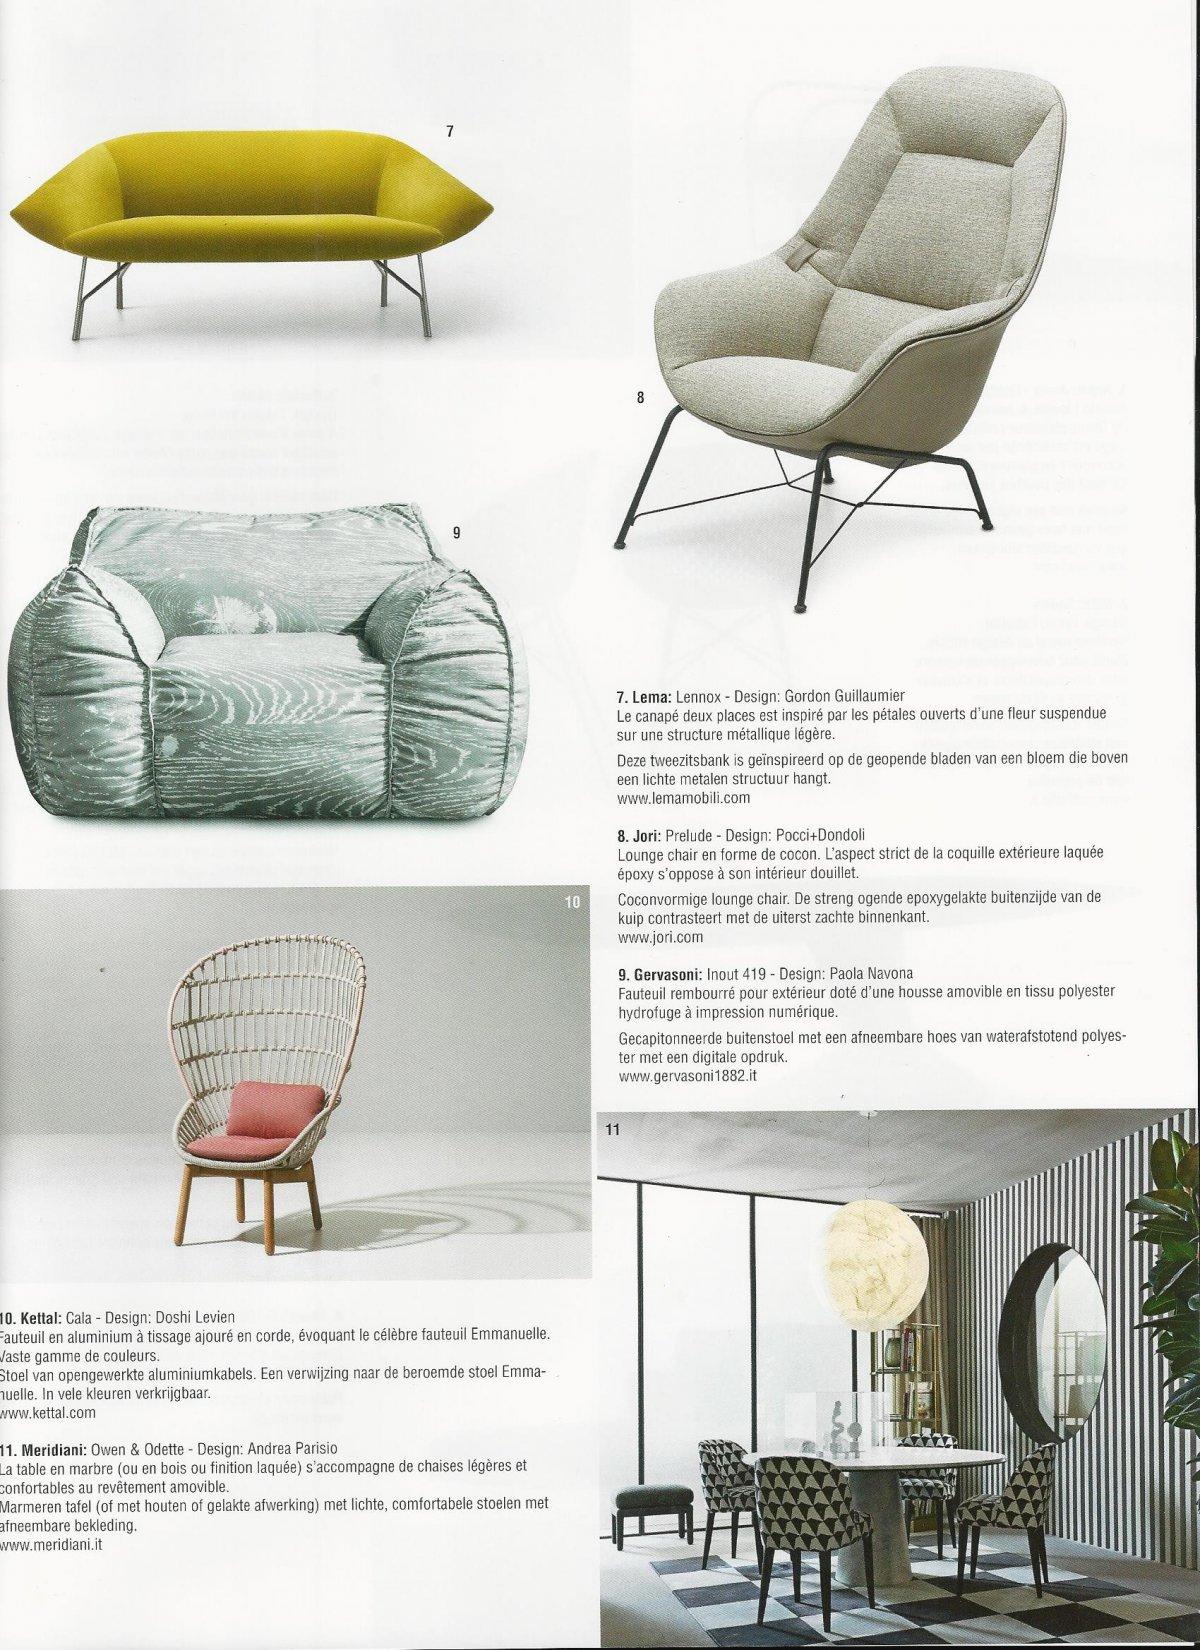 Design Fauteuil Jori.Villas Publications Design Furniture Jori